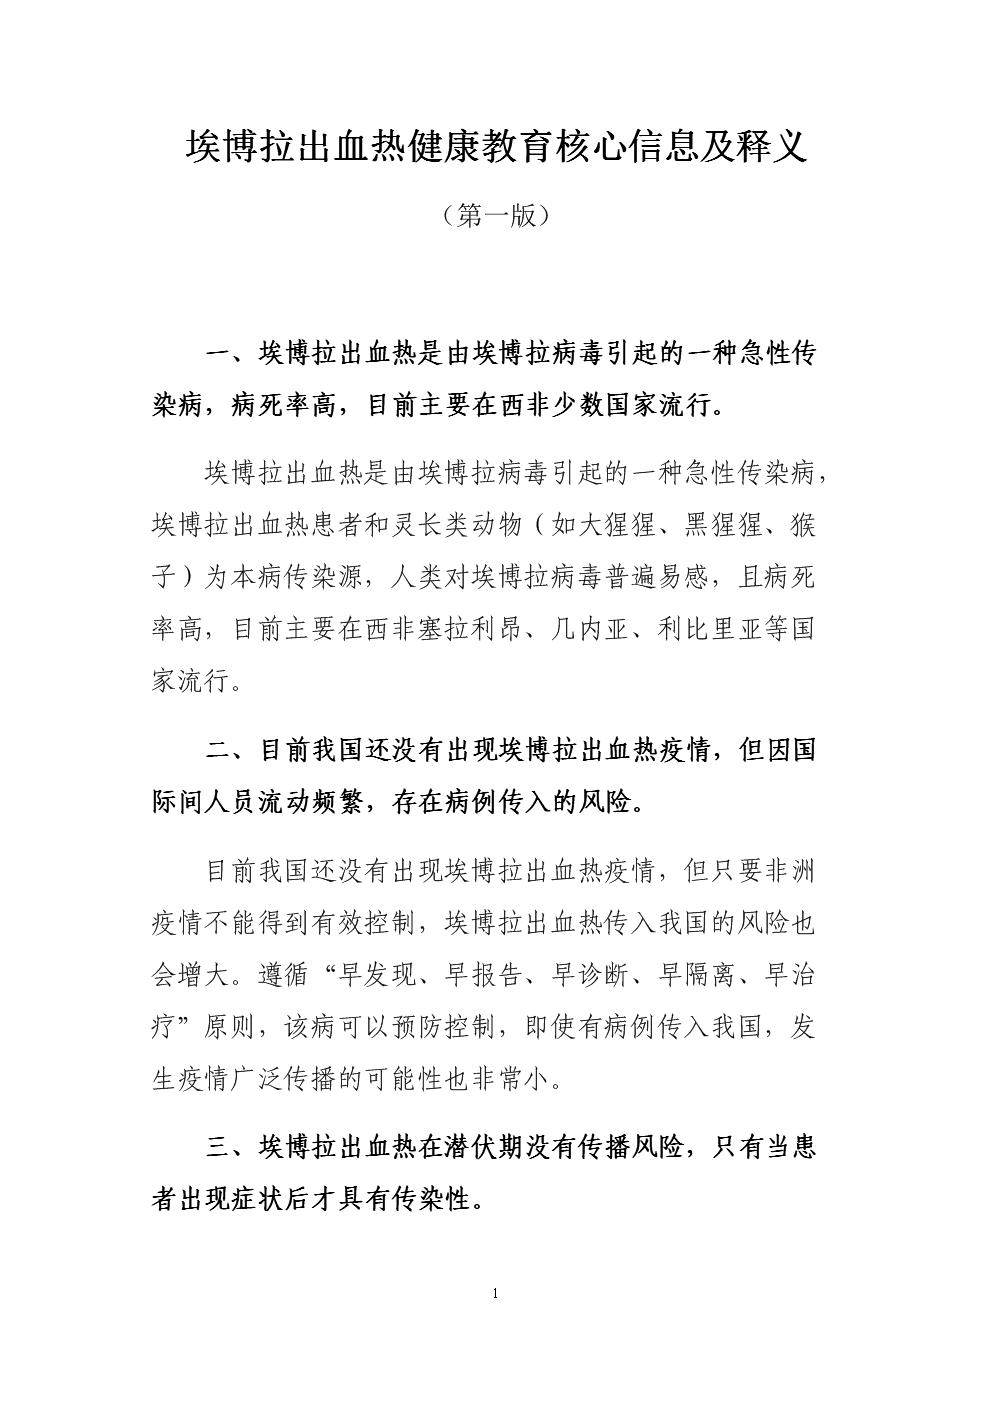 埃博拉出血热健康教育核心信息及释义.docx